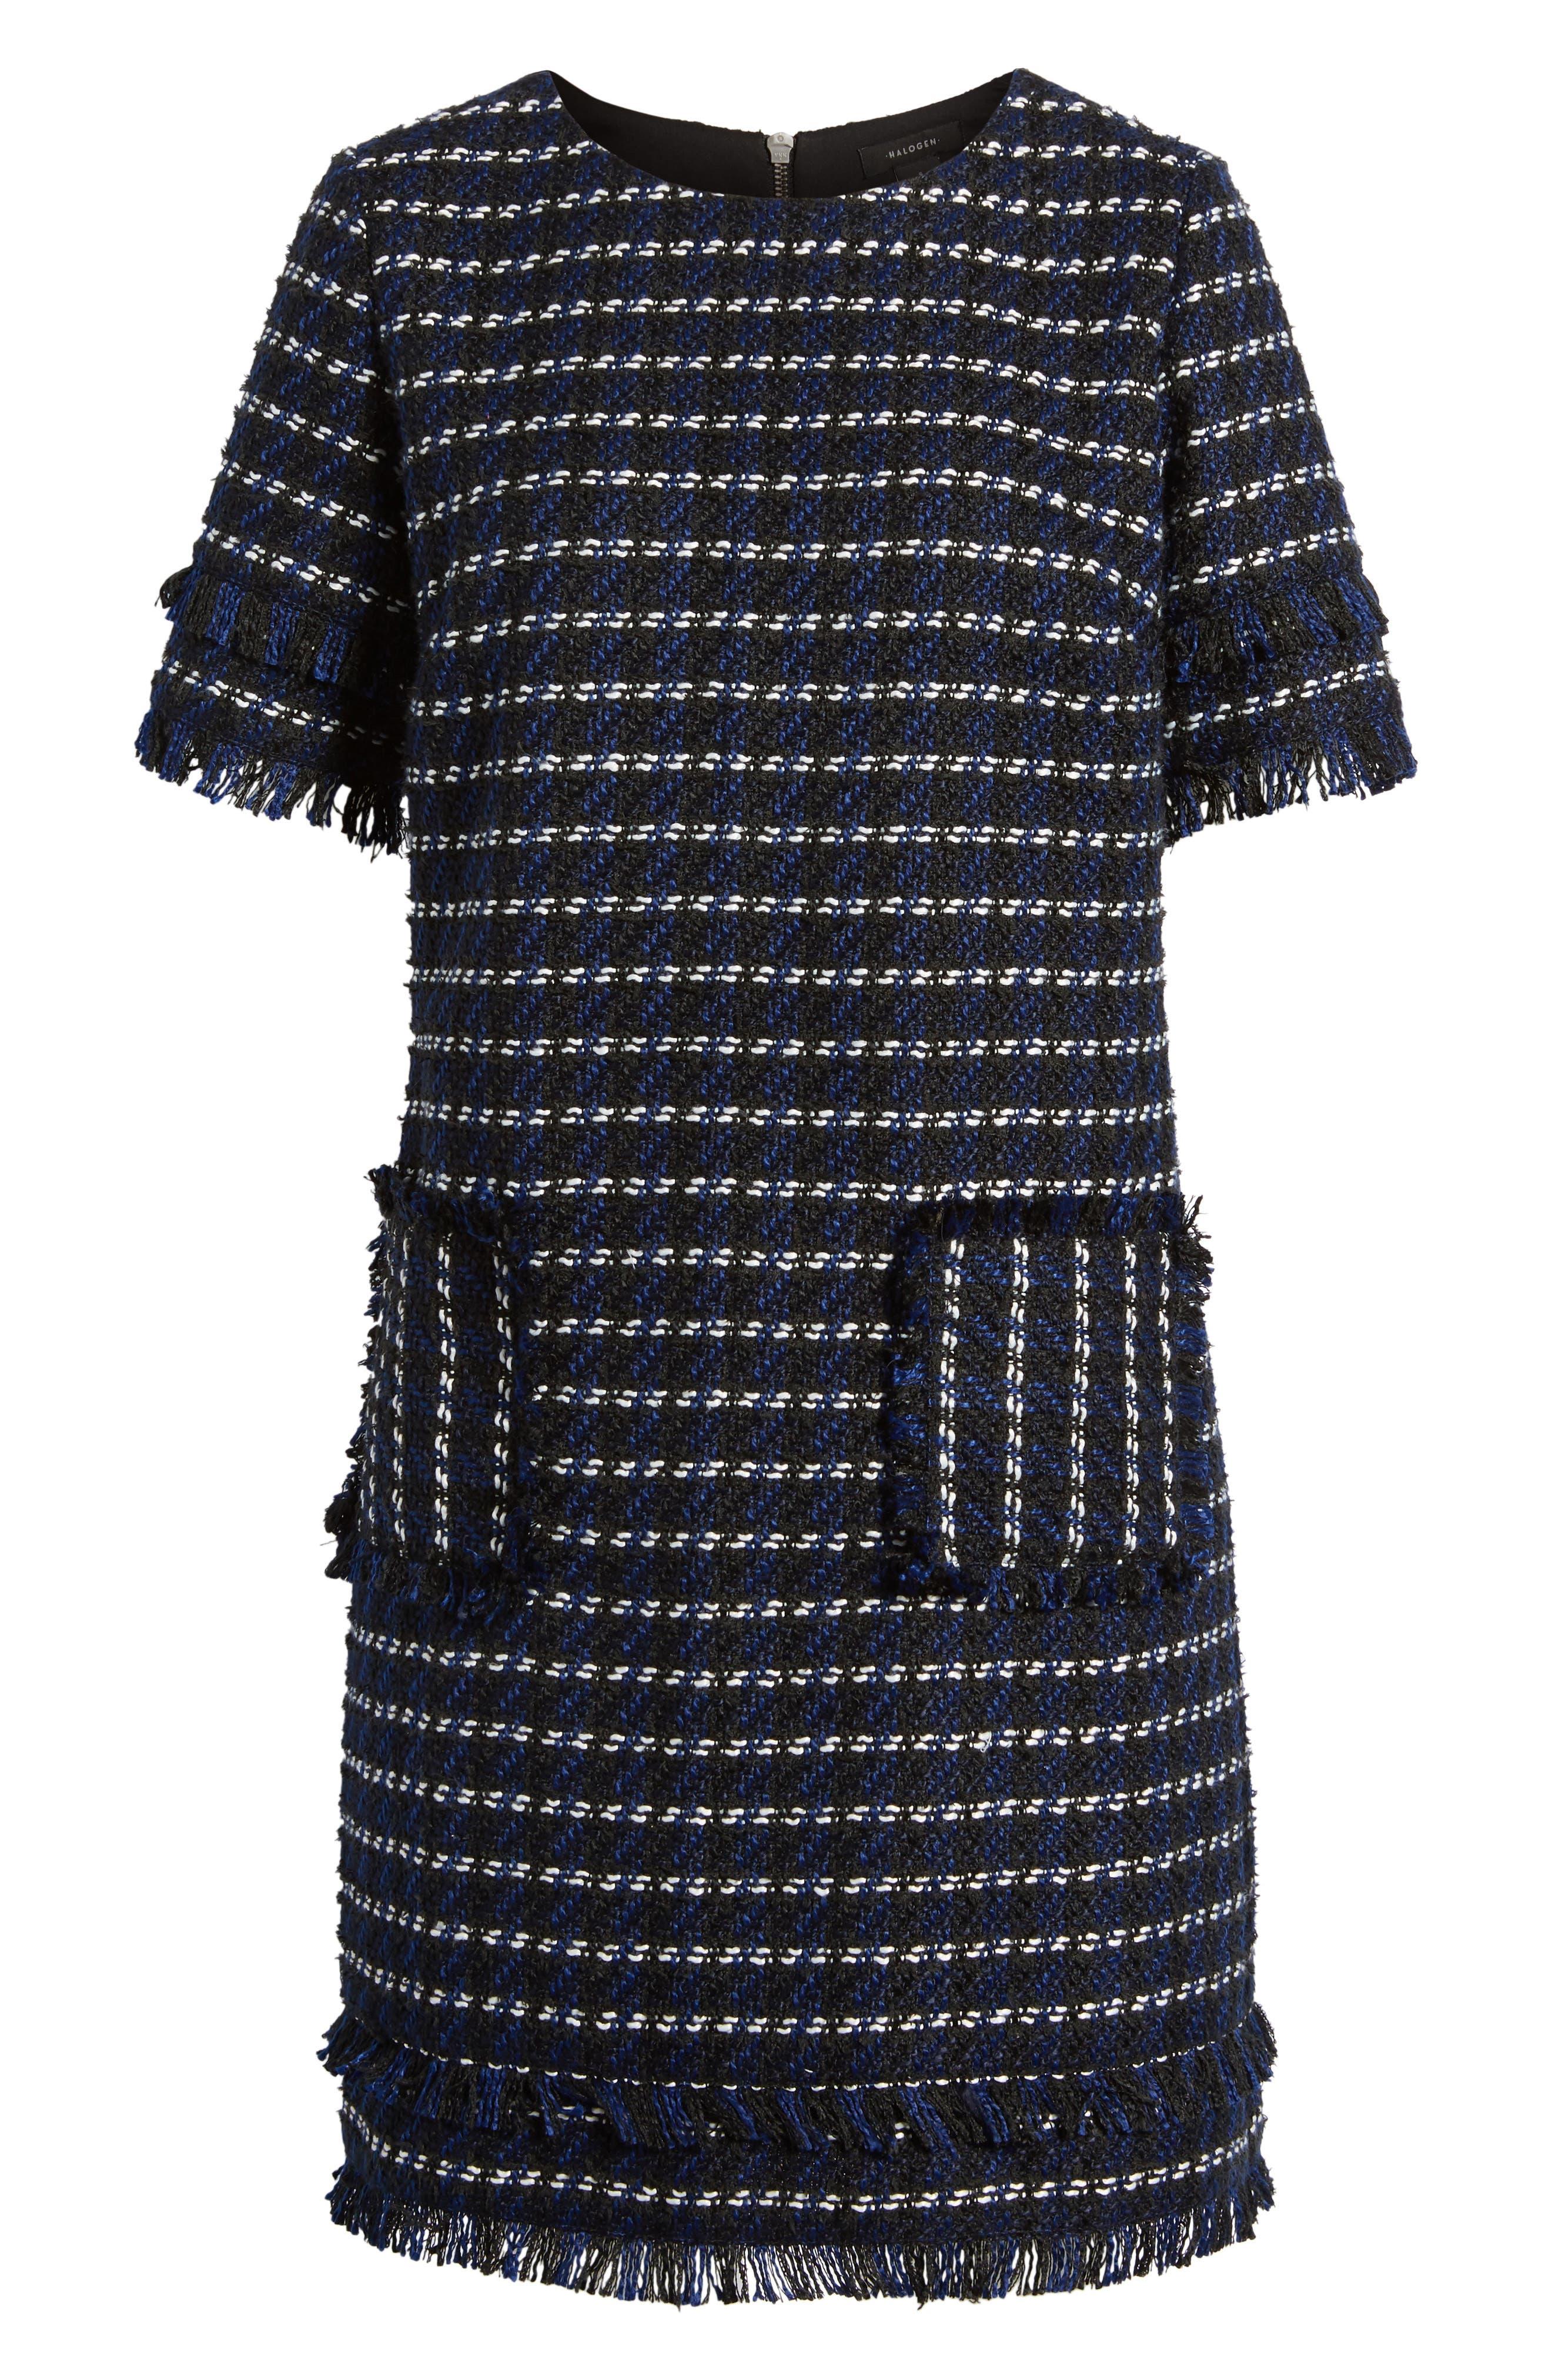 Fringe Tweed Dress,                             Alternate thumbnail 6, color,                             Black- Navy Tweed